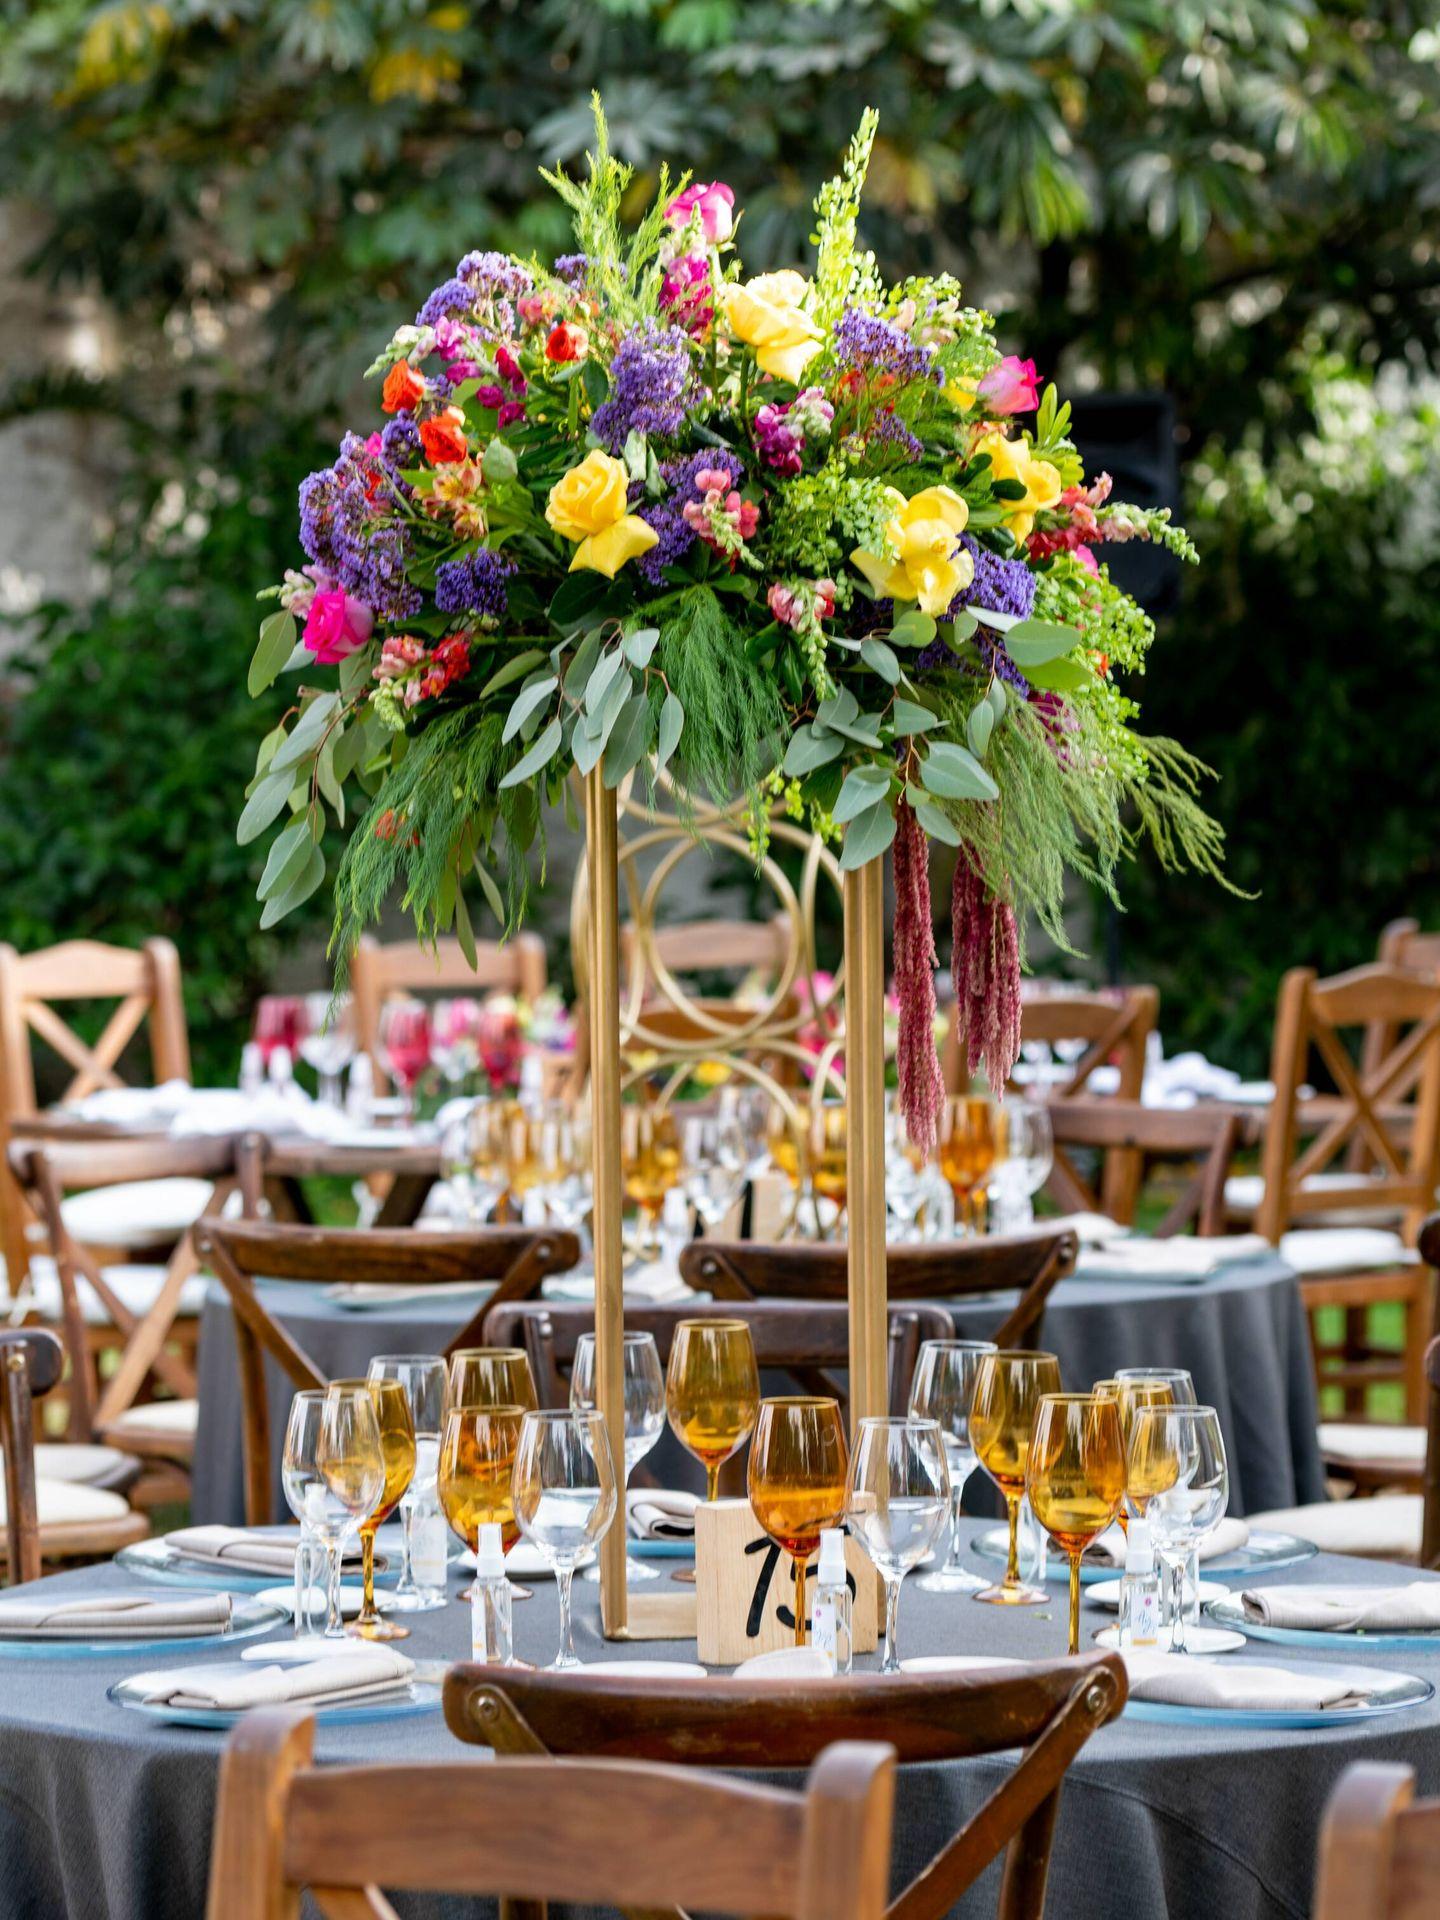 Distribución de las mesas en la boda. (Pablo Lancaster Jones para Unsplash)